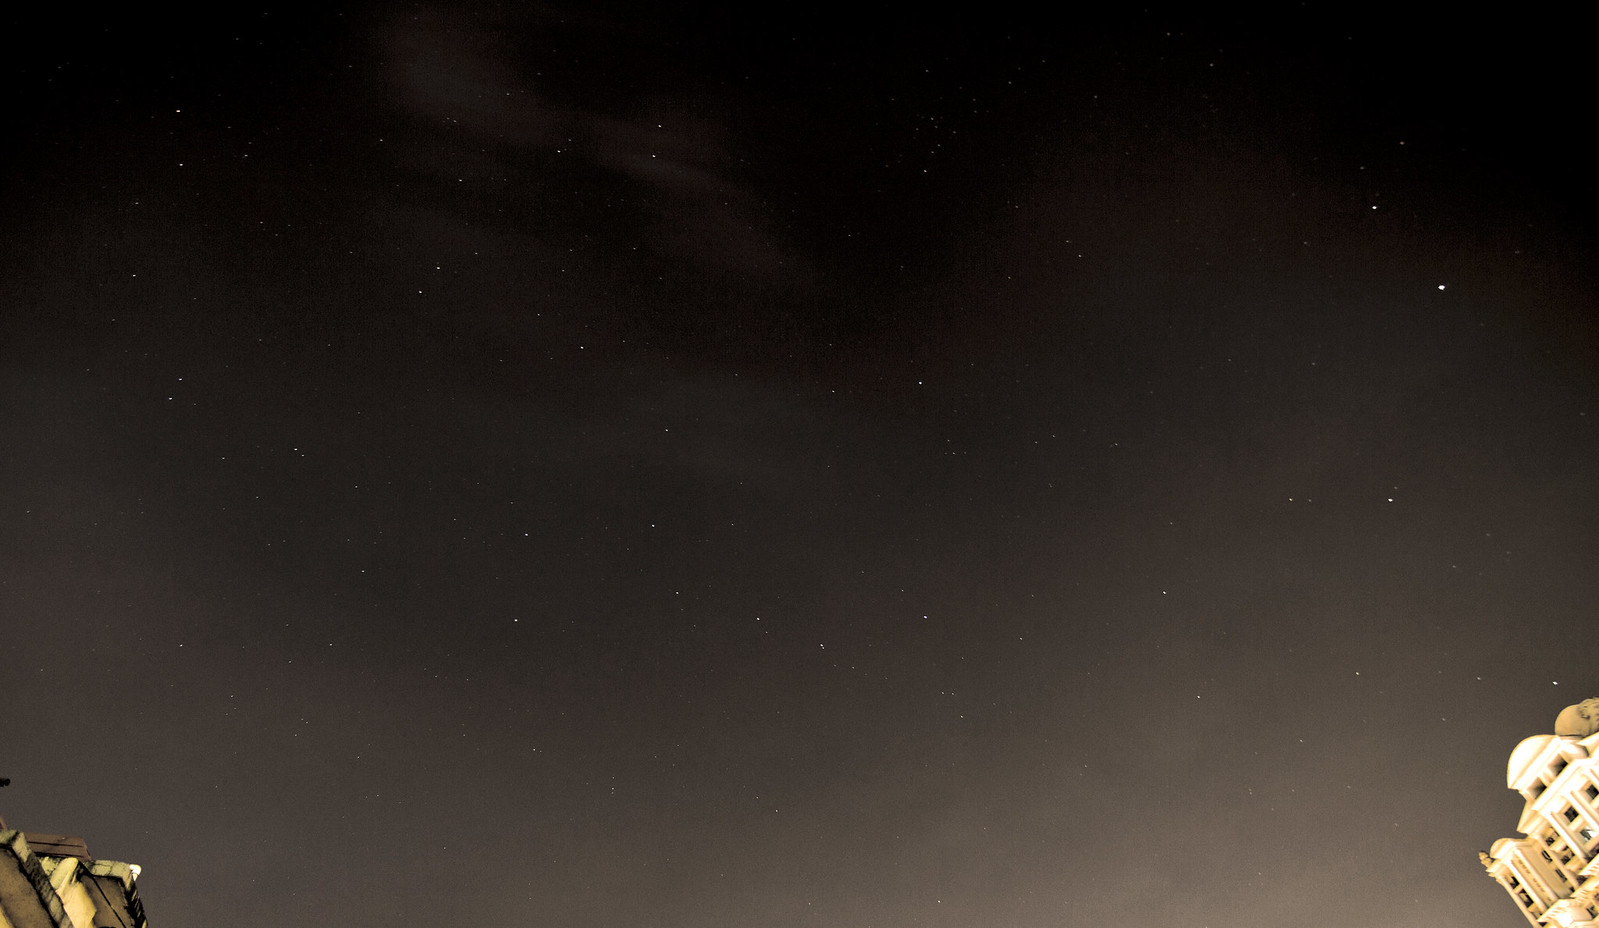 18_04_20146082058140_stars_crop